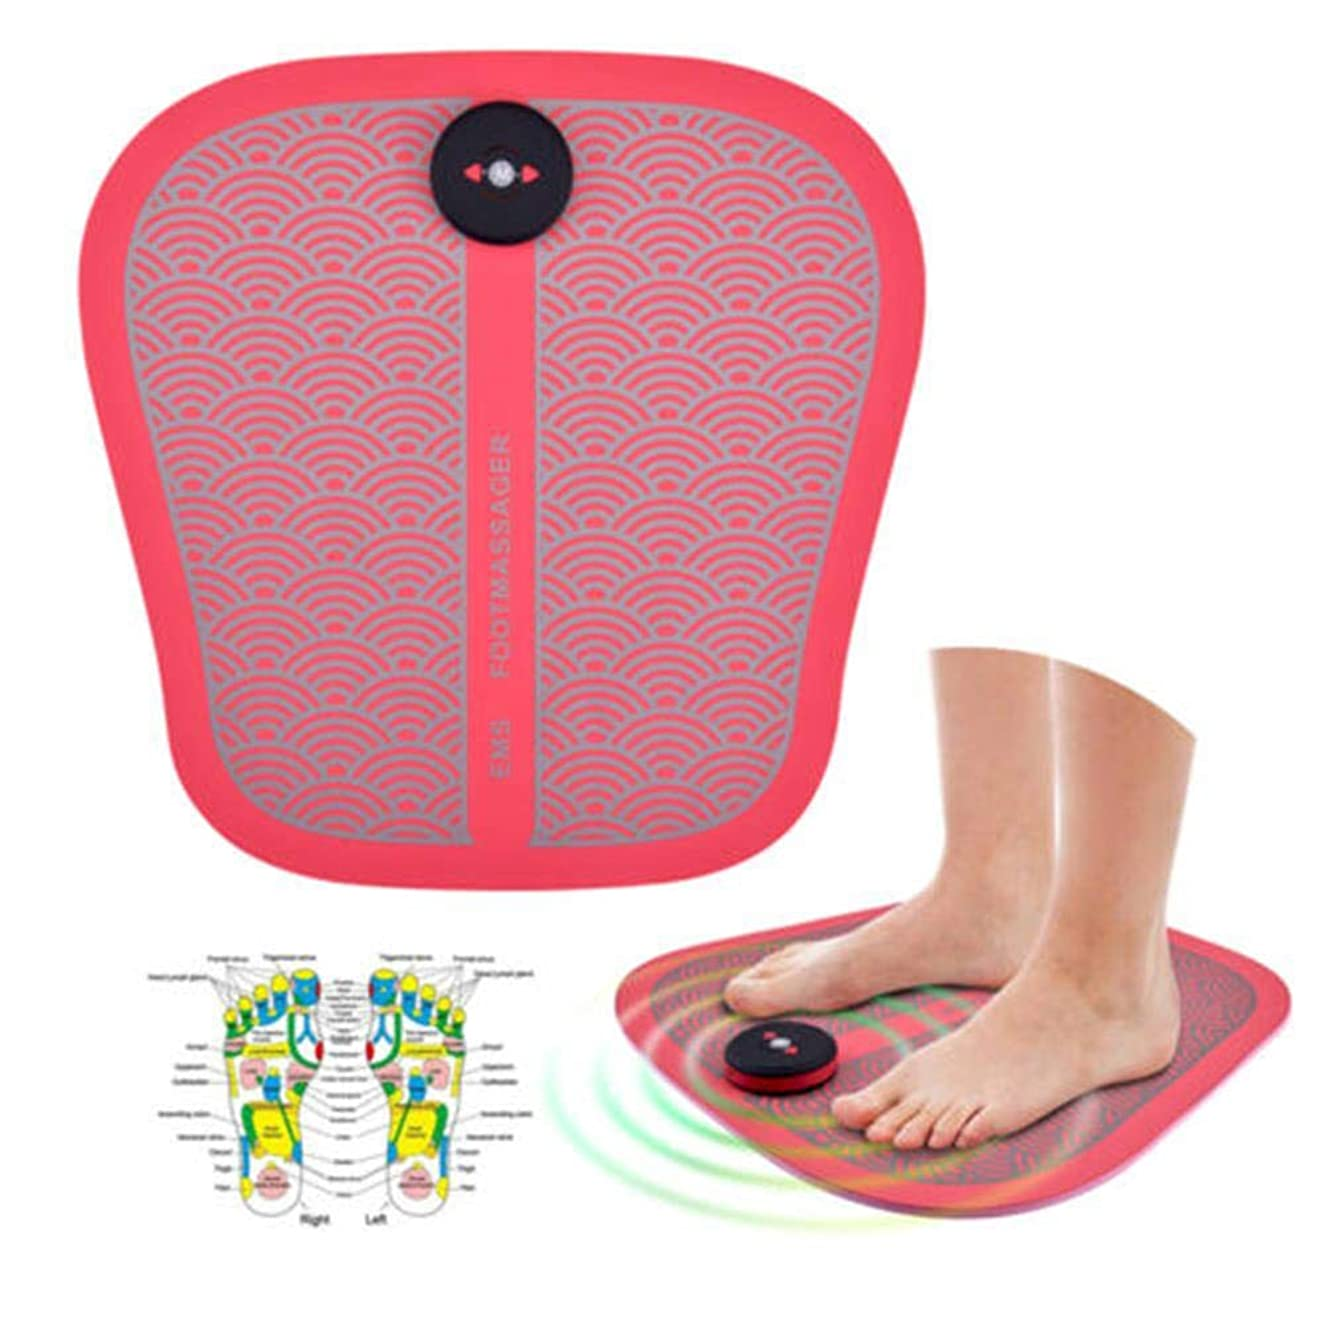 ヘアアイザック自分の力ですべてをするCckrmフットマッサージディープティッシュニーディング、リモートコントロールフィートマッサージャー、切り替え可能な熱、指圧フットマッサージマシンは、ホームオフィスの足の痛みを和らげます